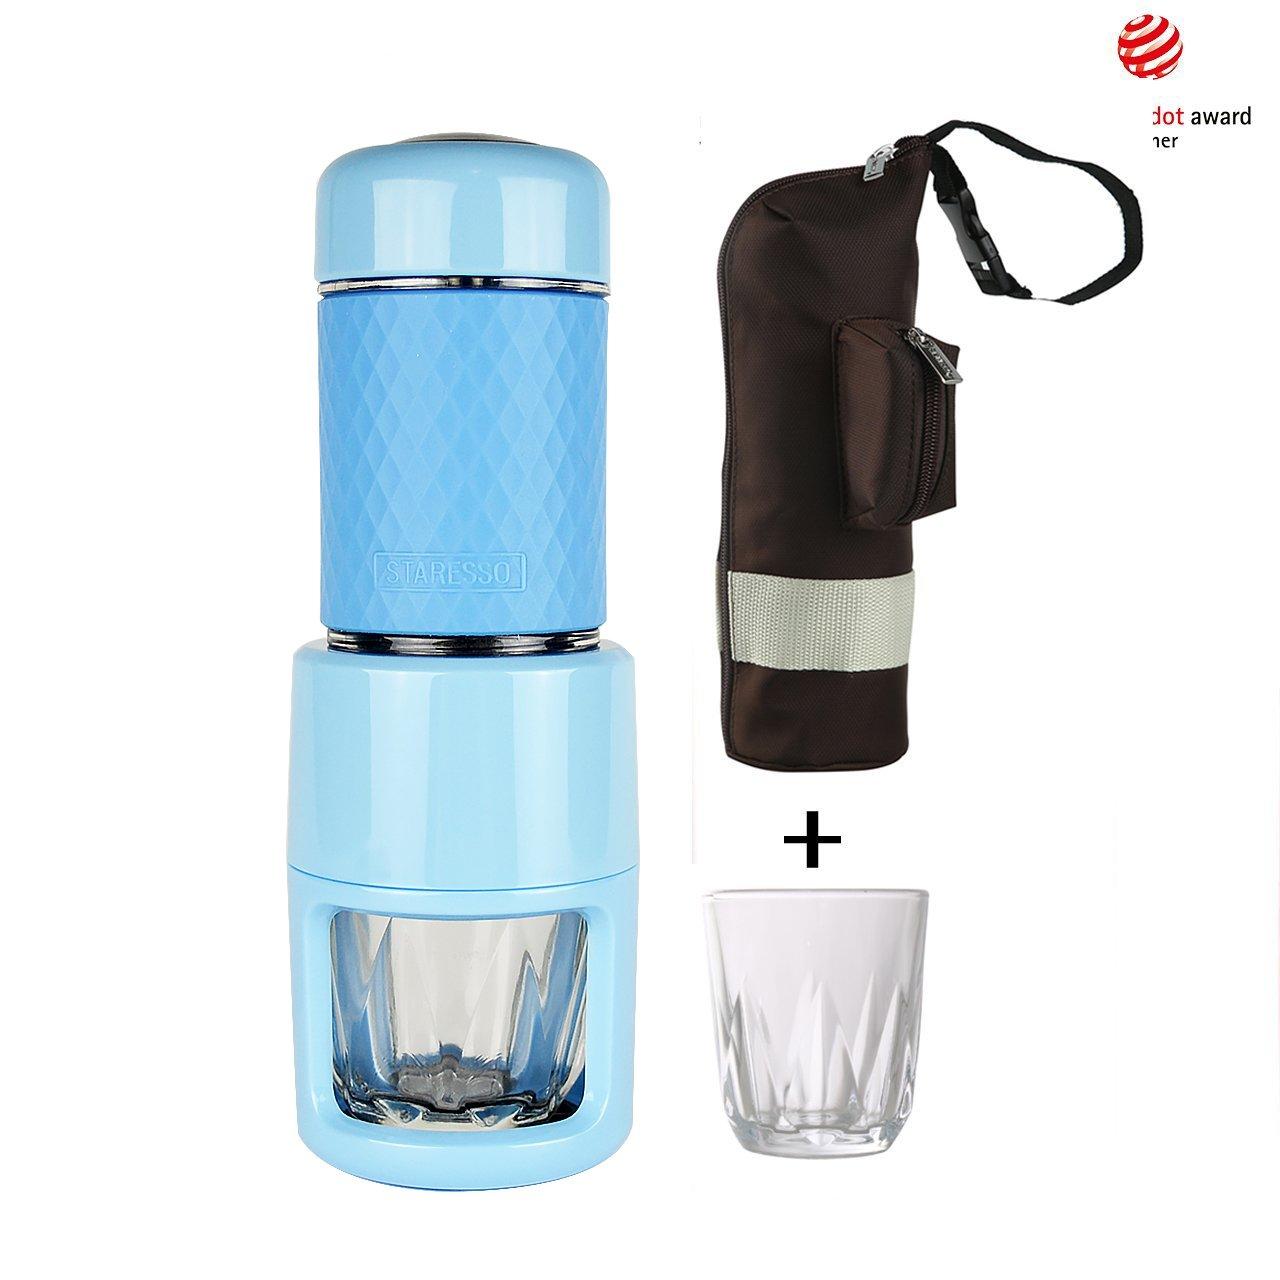 STARESSO Espresso Coffee Maker, Red Dot Award Winner Portable Espresso Cappuccino,Quick Cold Brew Manual Coffee Maker Machines All in One (Blue)